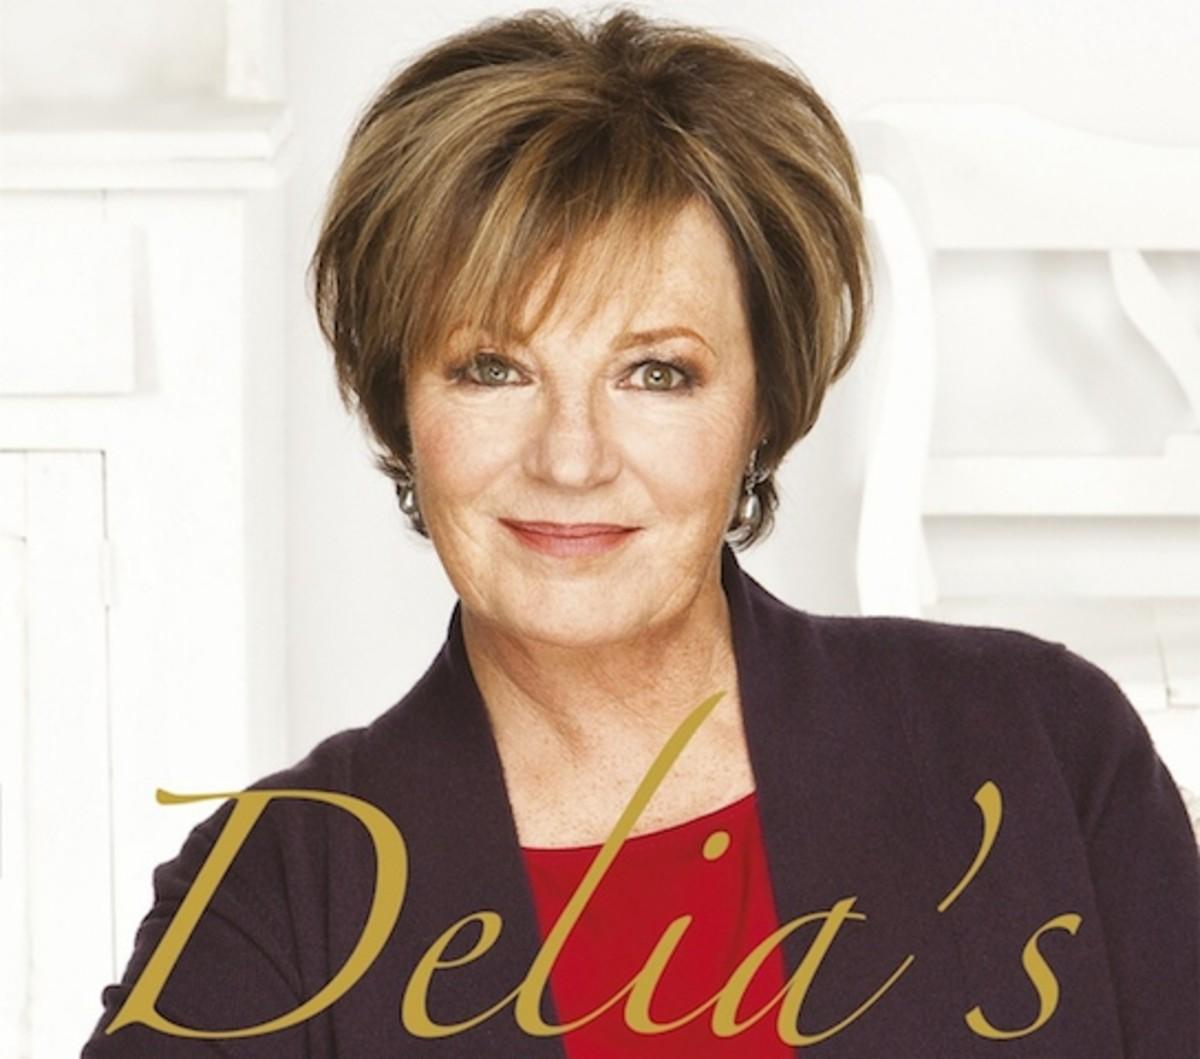 Delicious Recipes by Delia Smith